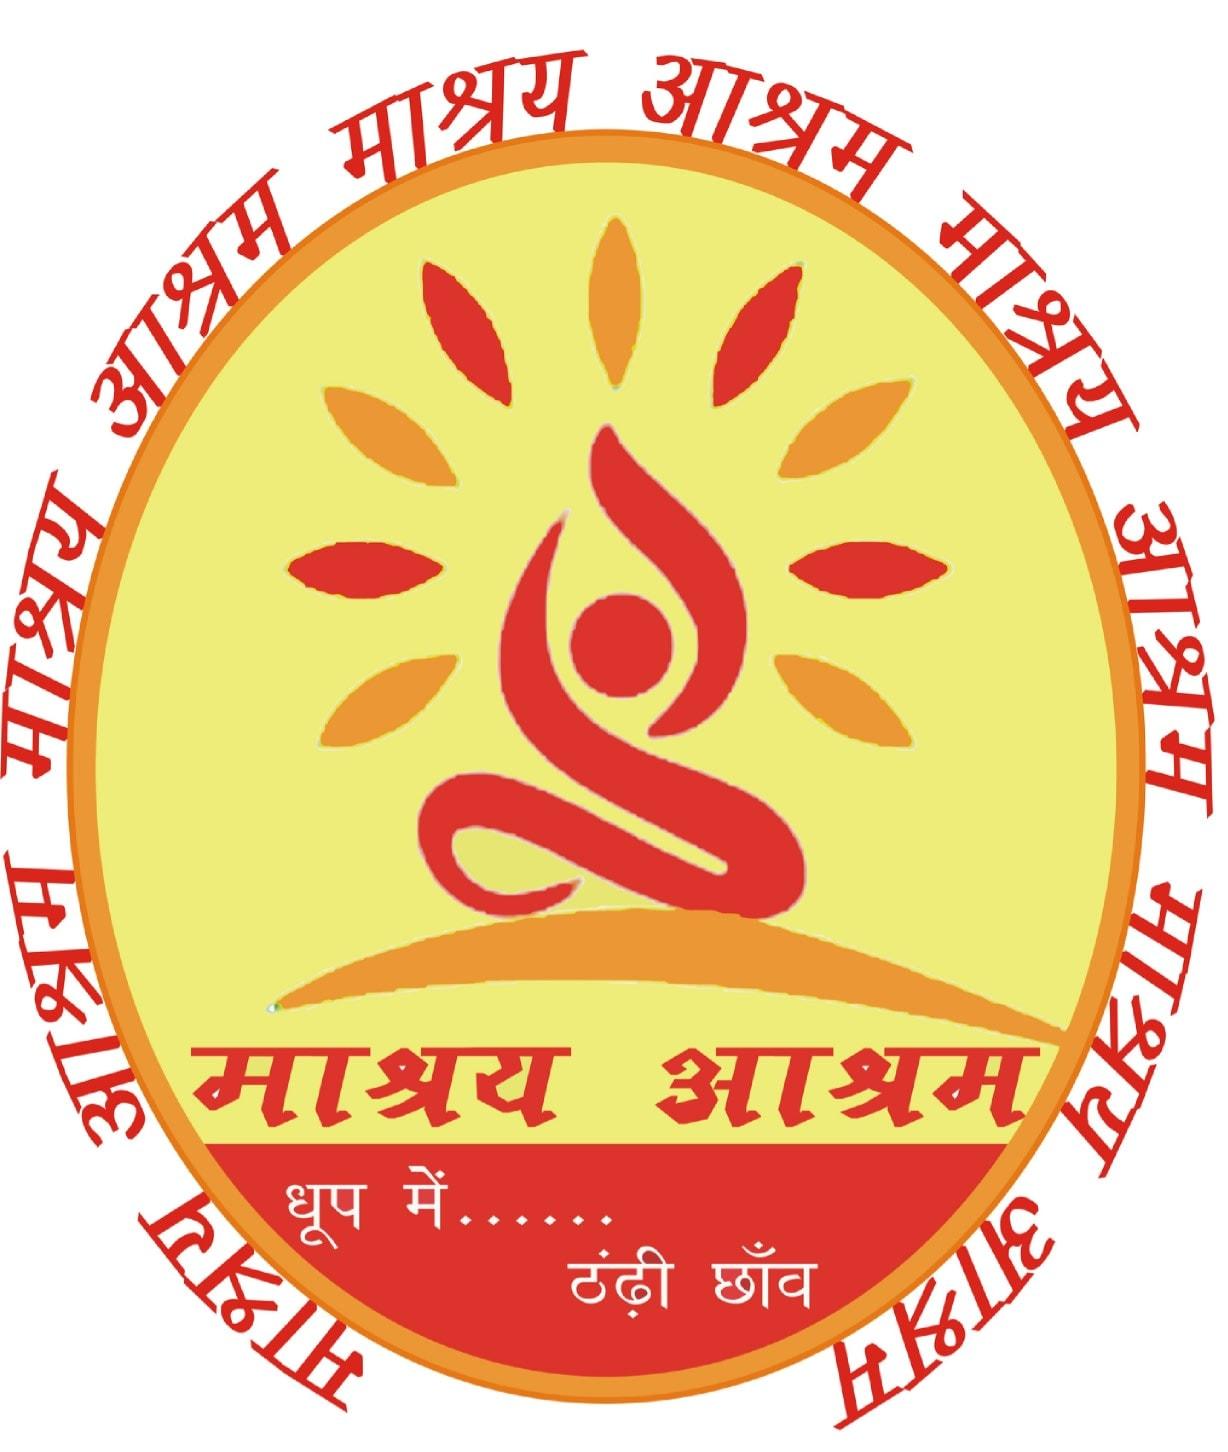 Mashray Ashram